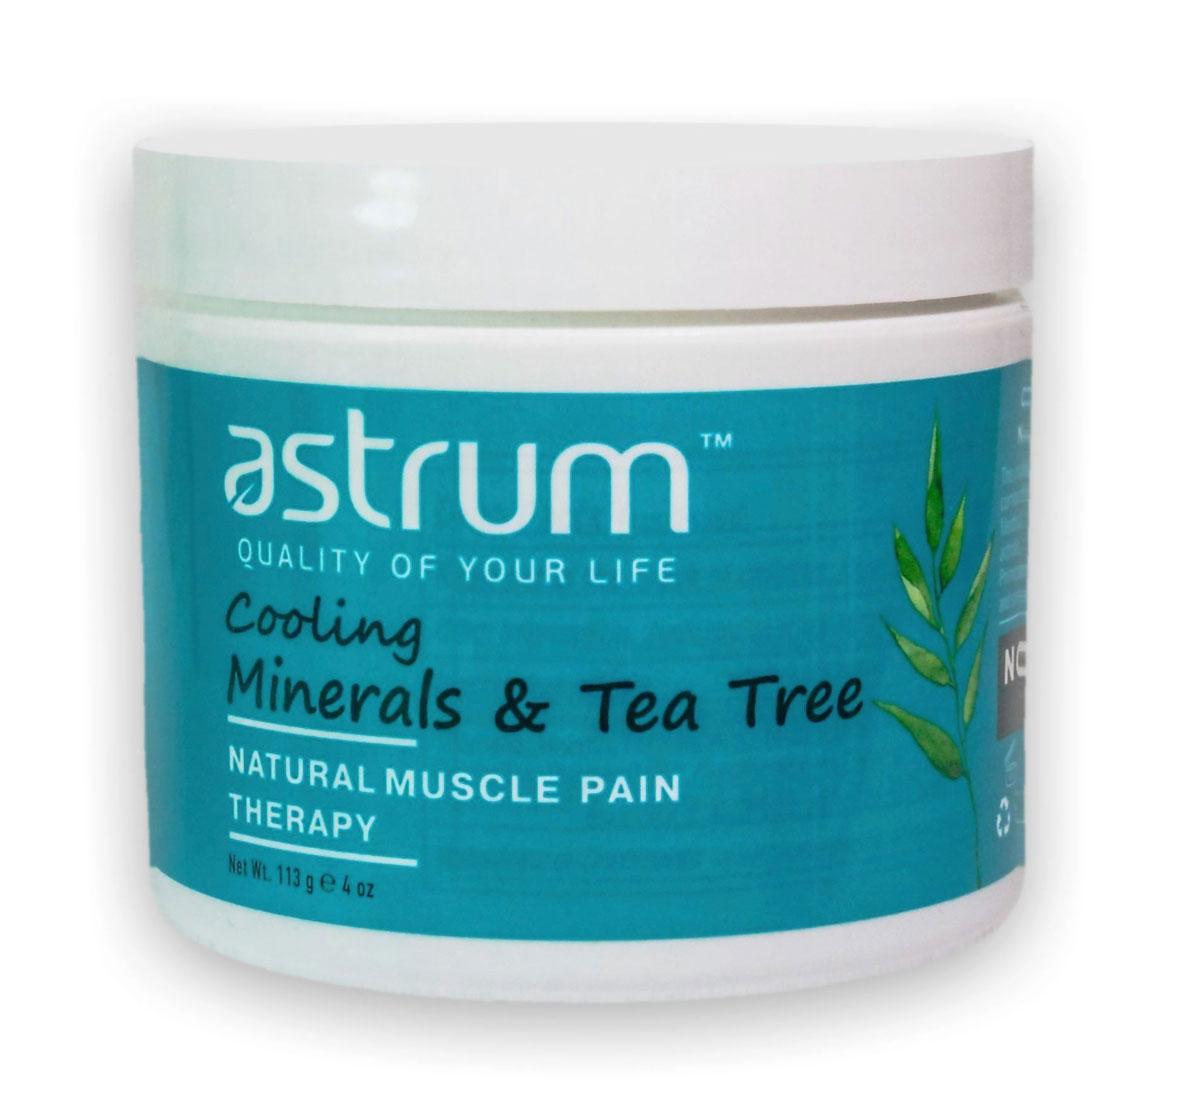 Astrum Минеральный гель с маслом чайного дерева, 113 гAS03002Главное достоинство геля – быстрое местное болеутоляющее и противовоспалительное действие. Обладает антисептическим, антибактериальным и противоотечным действием. Легкий охлаждающий эффект при нанесении помогает при ушибах, мышечном напряжении, болях в мышцах и суставах. Масла авокадо, примулы вечерней и лесного ореха смягчают и питают кожу.